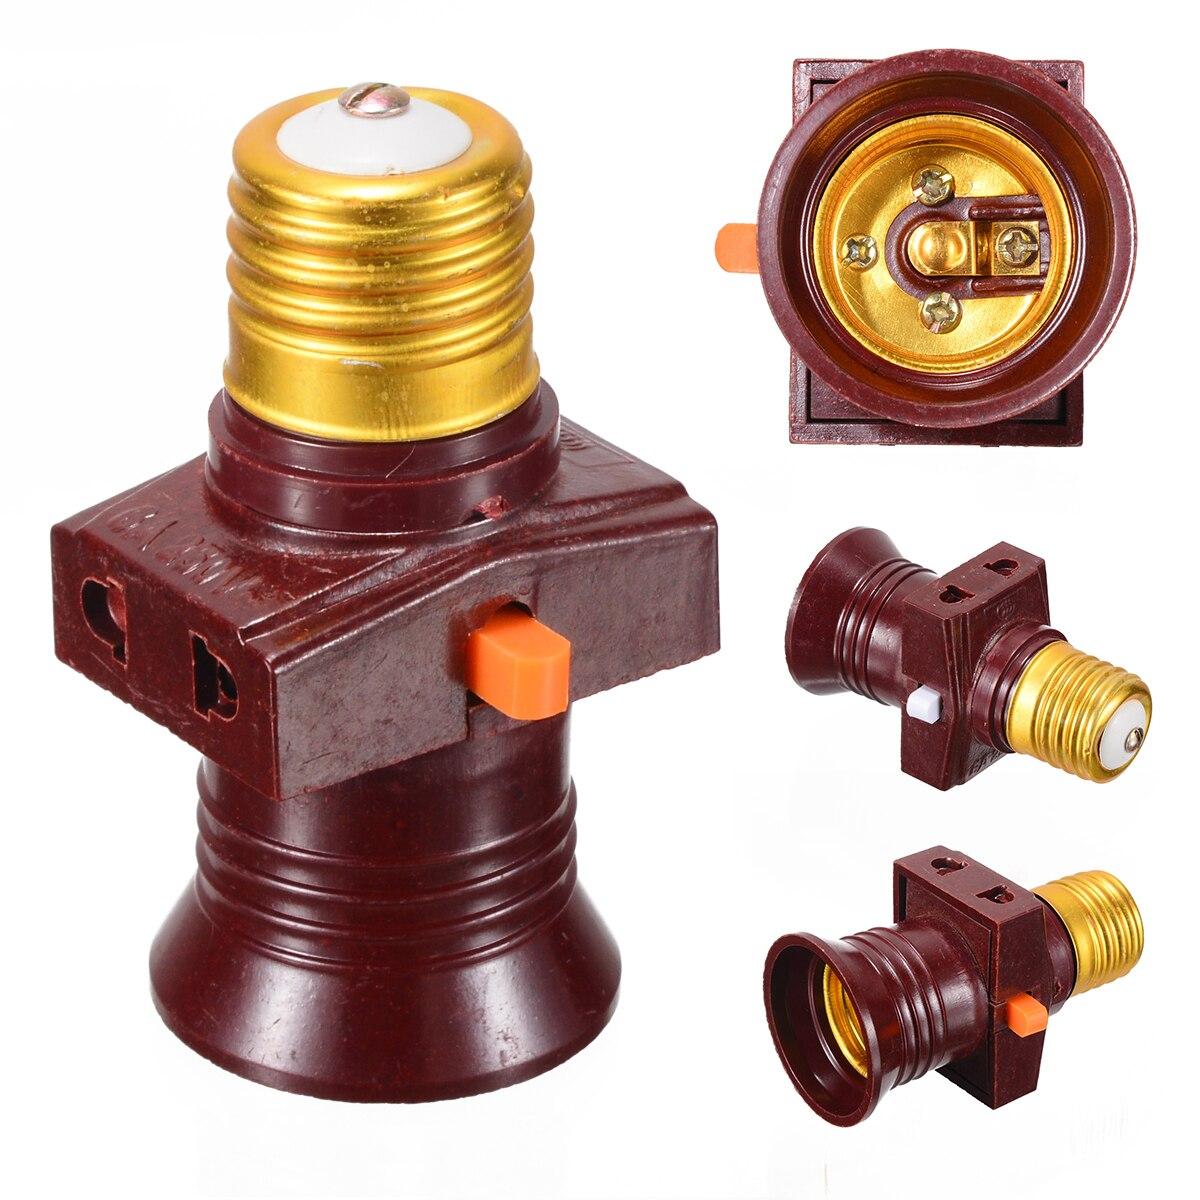 1 шт., 110-250 В, E27, винтовая лампа, цоколь, держатель лампы, цоколь с выключателем управления, аксессуары для освещения